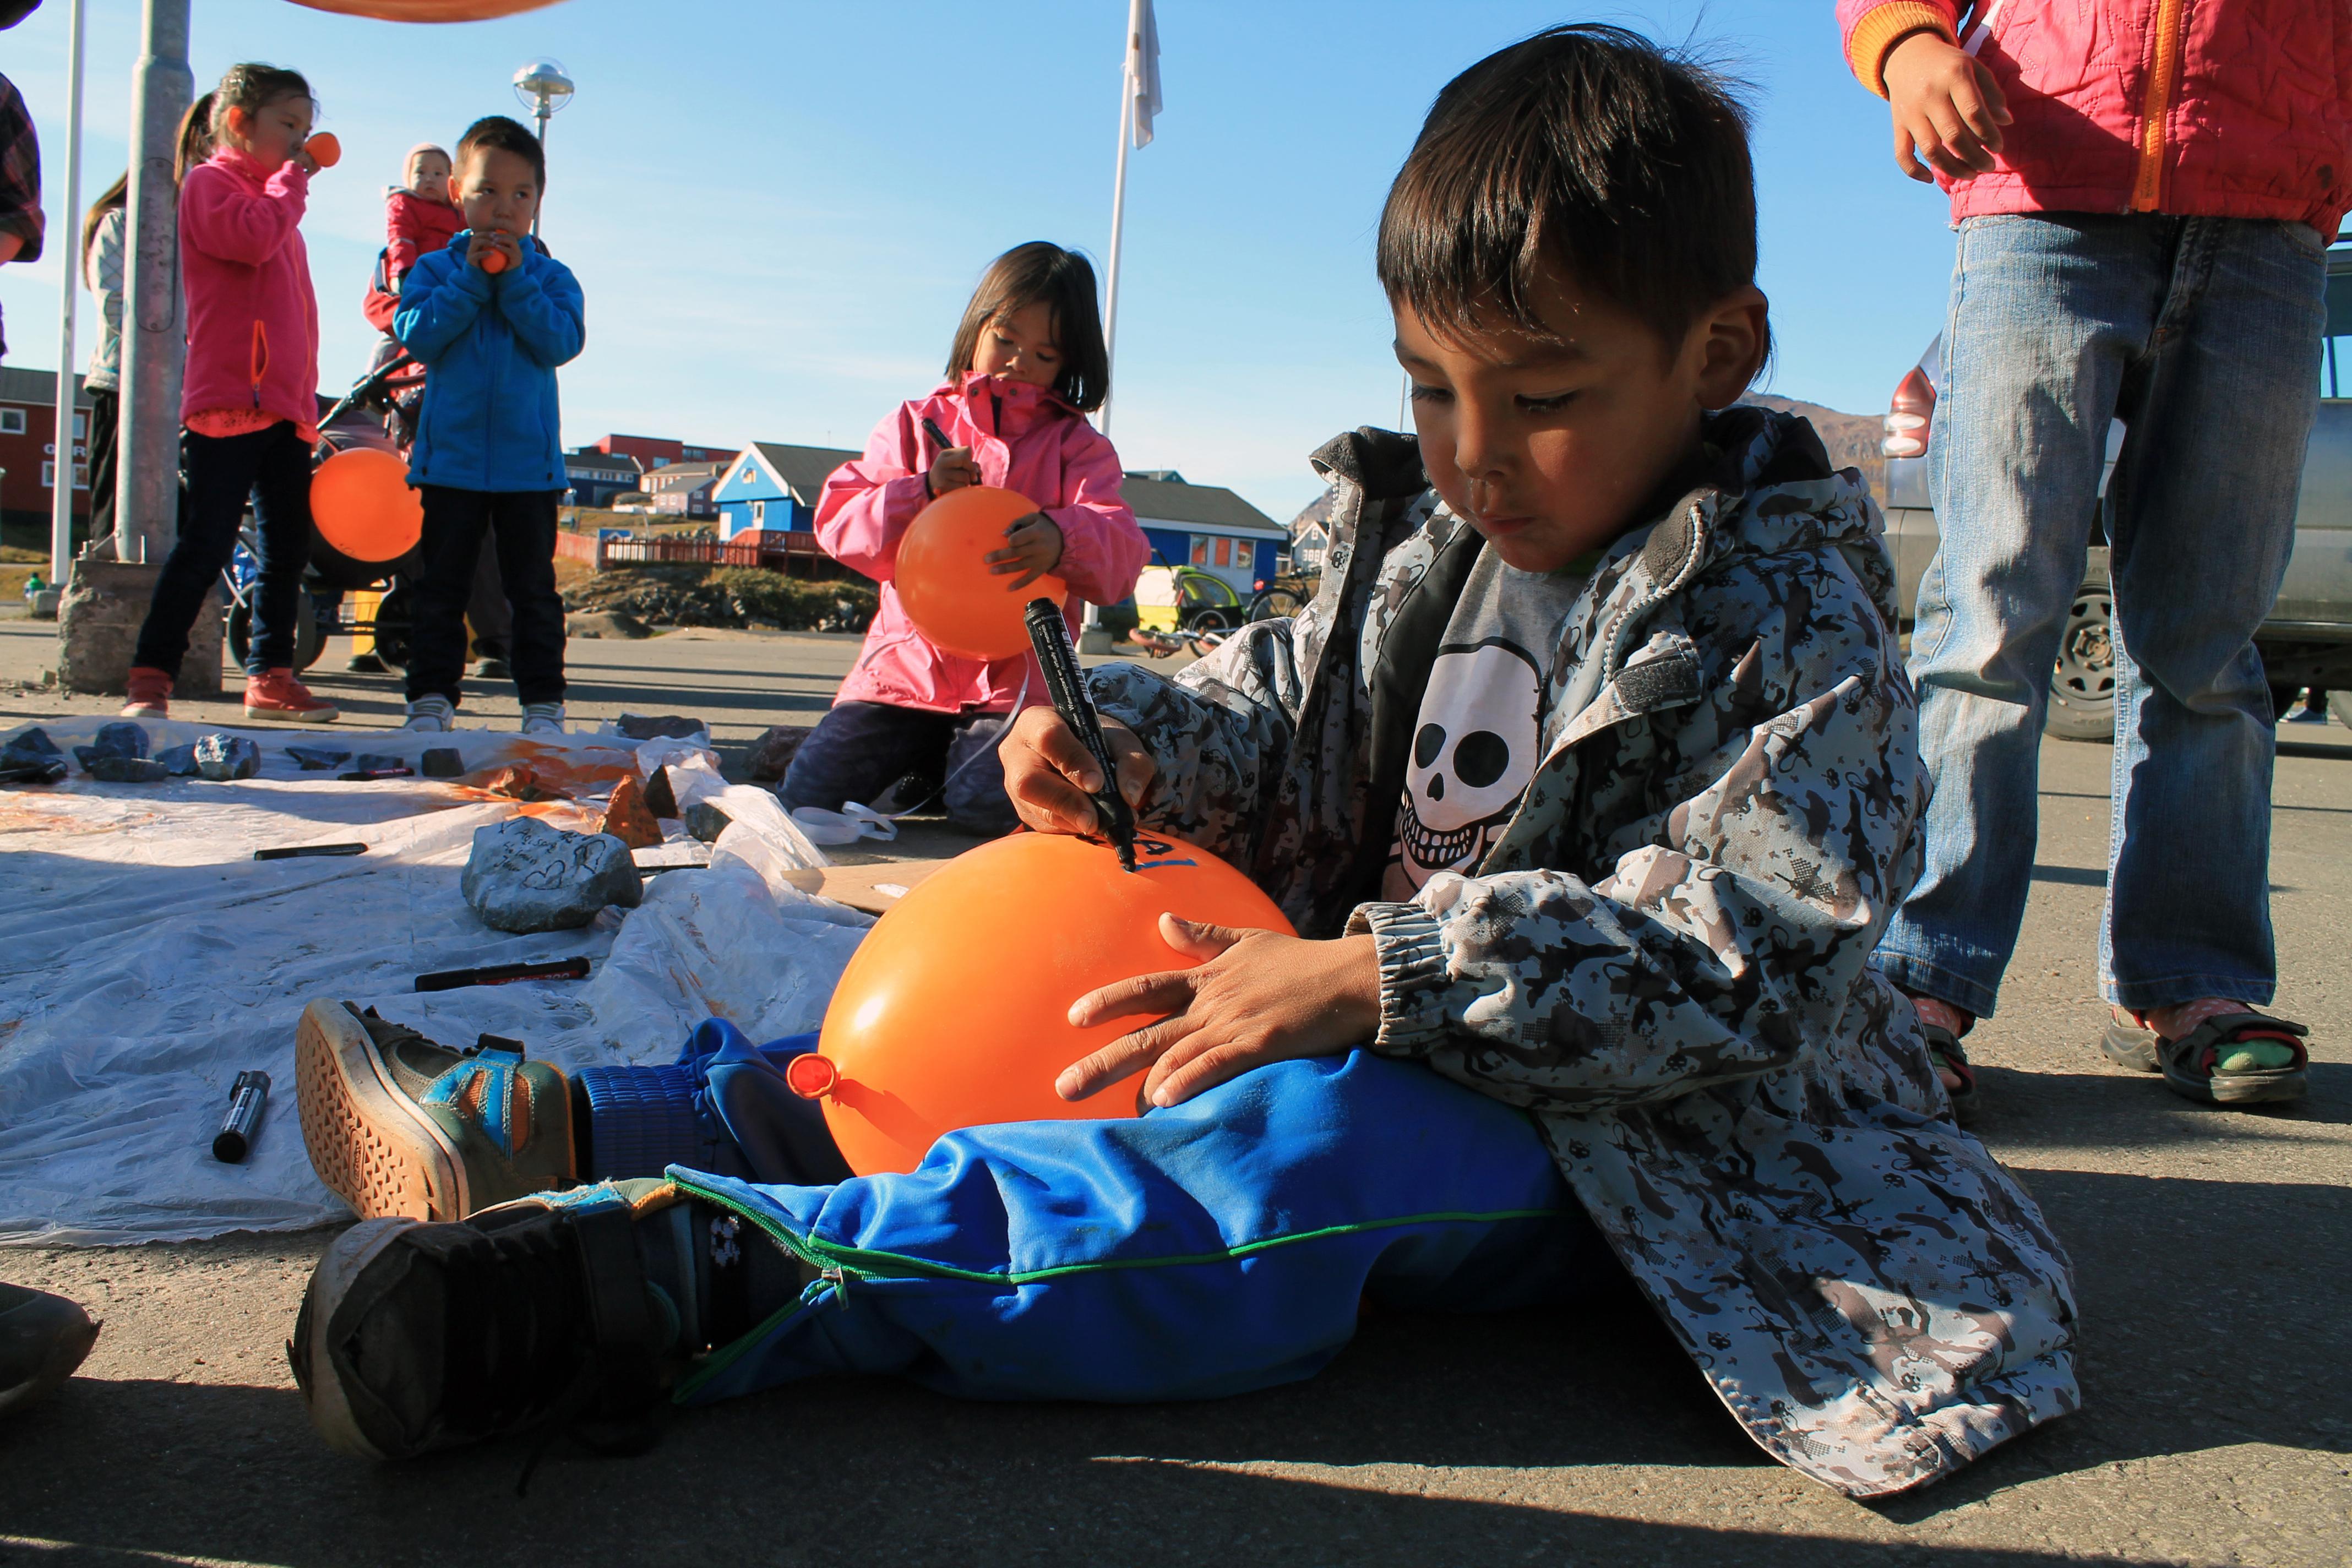 Undrer sig over stort fald i børneanmeldelser | Sermitsiaq.AG